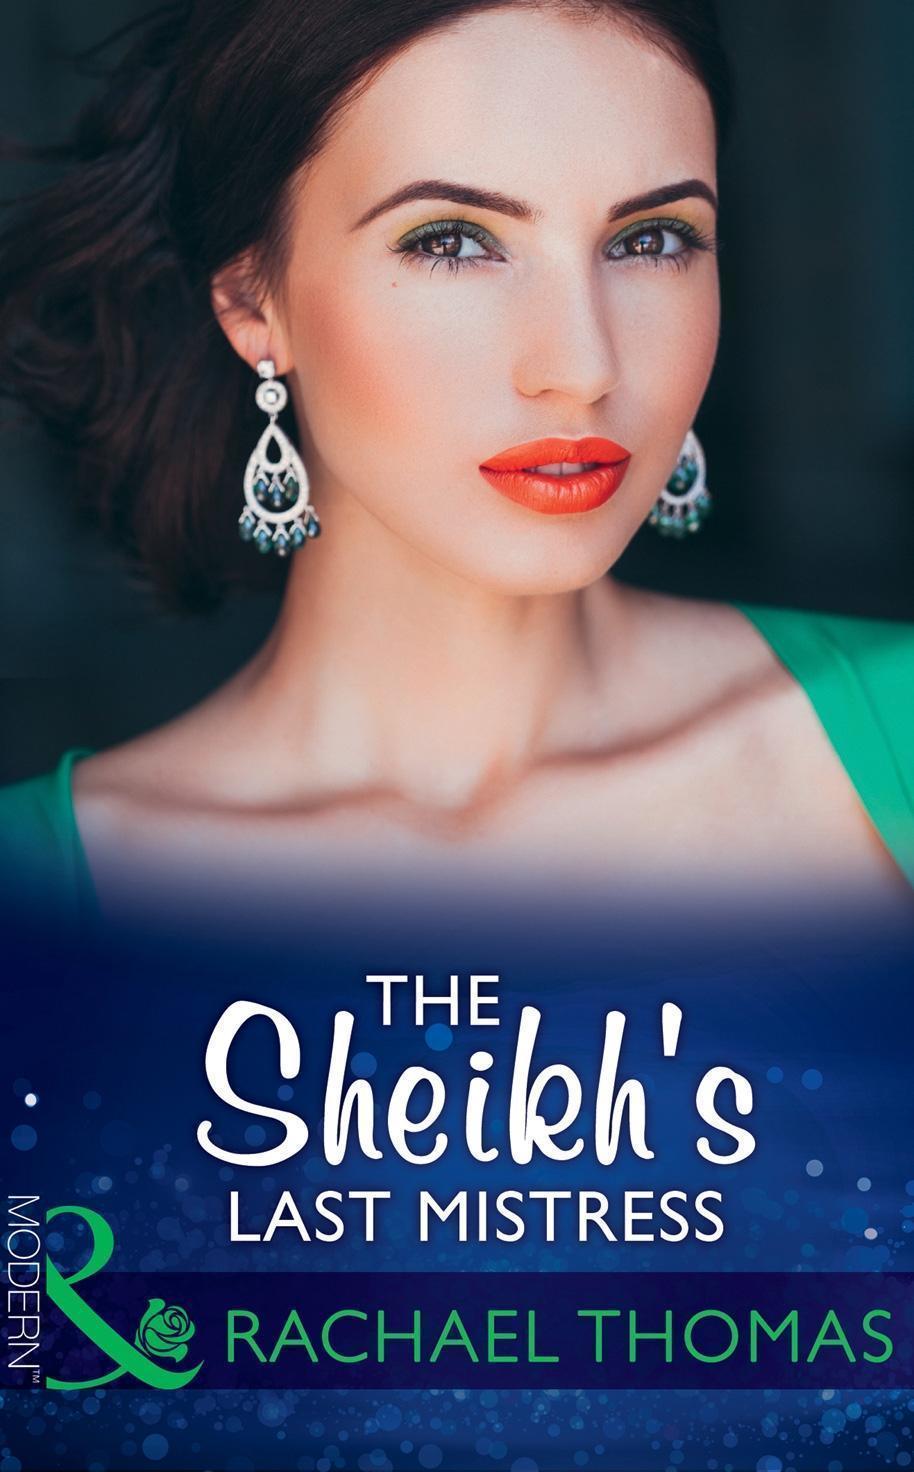 The Sheikh's Last Mistress (Mills & Boon Modern)